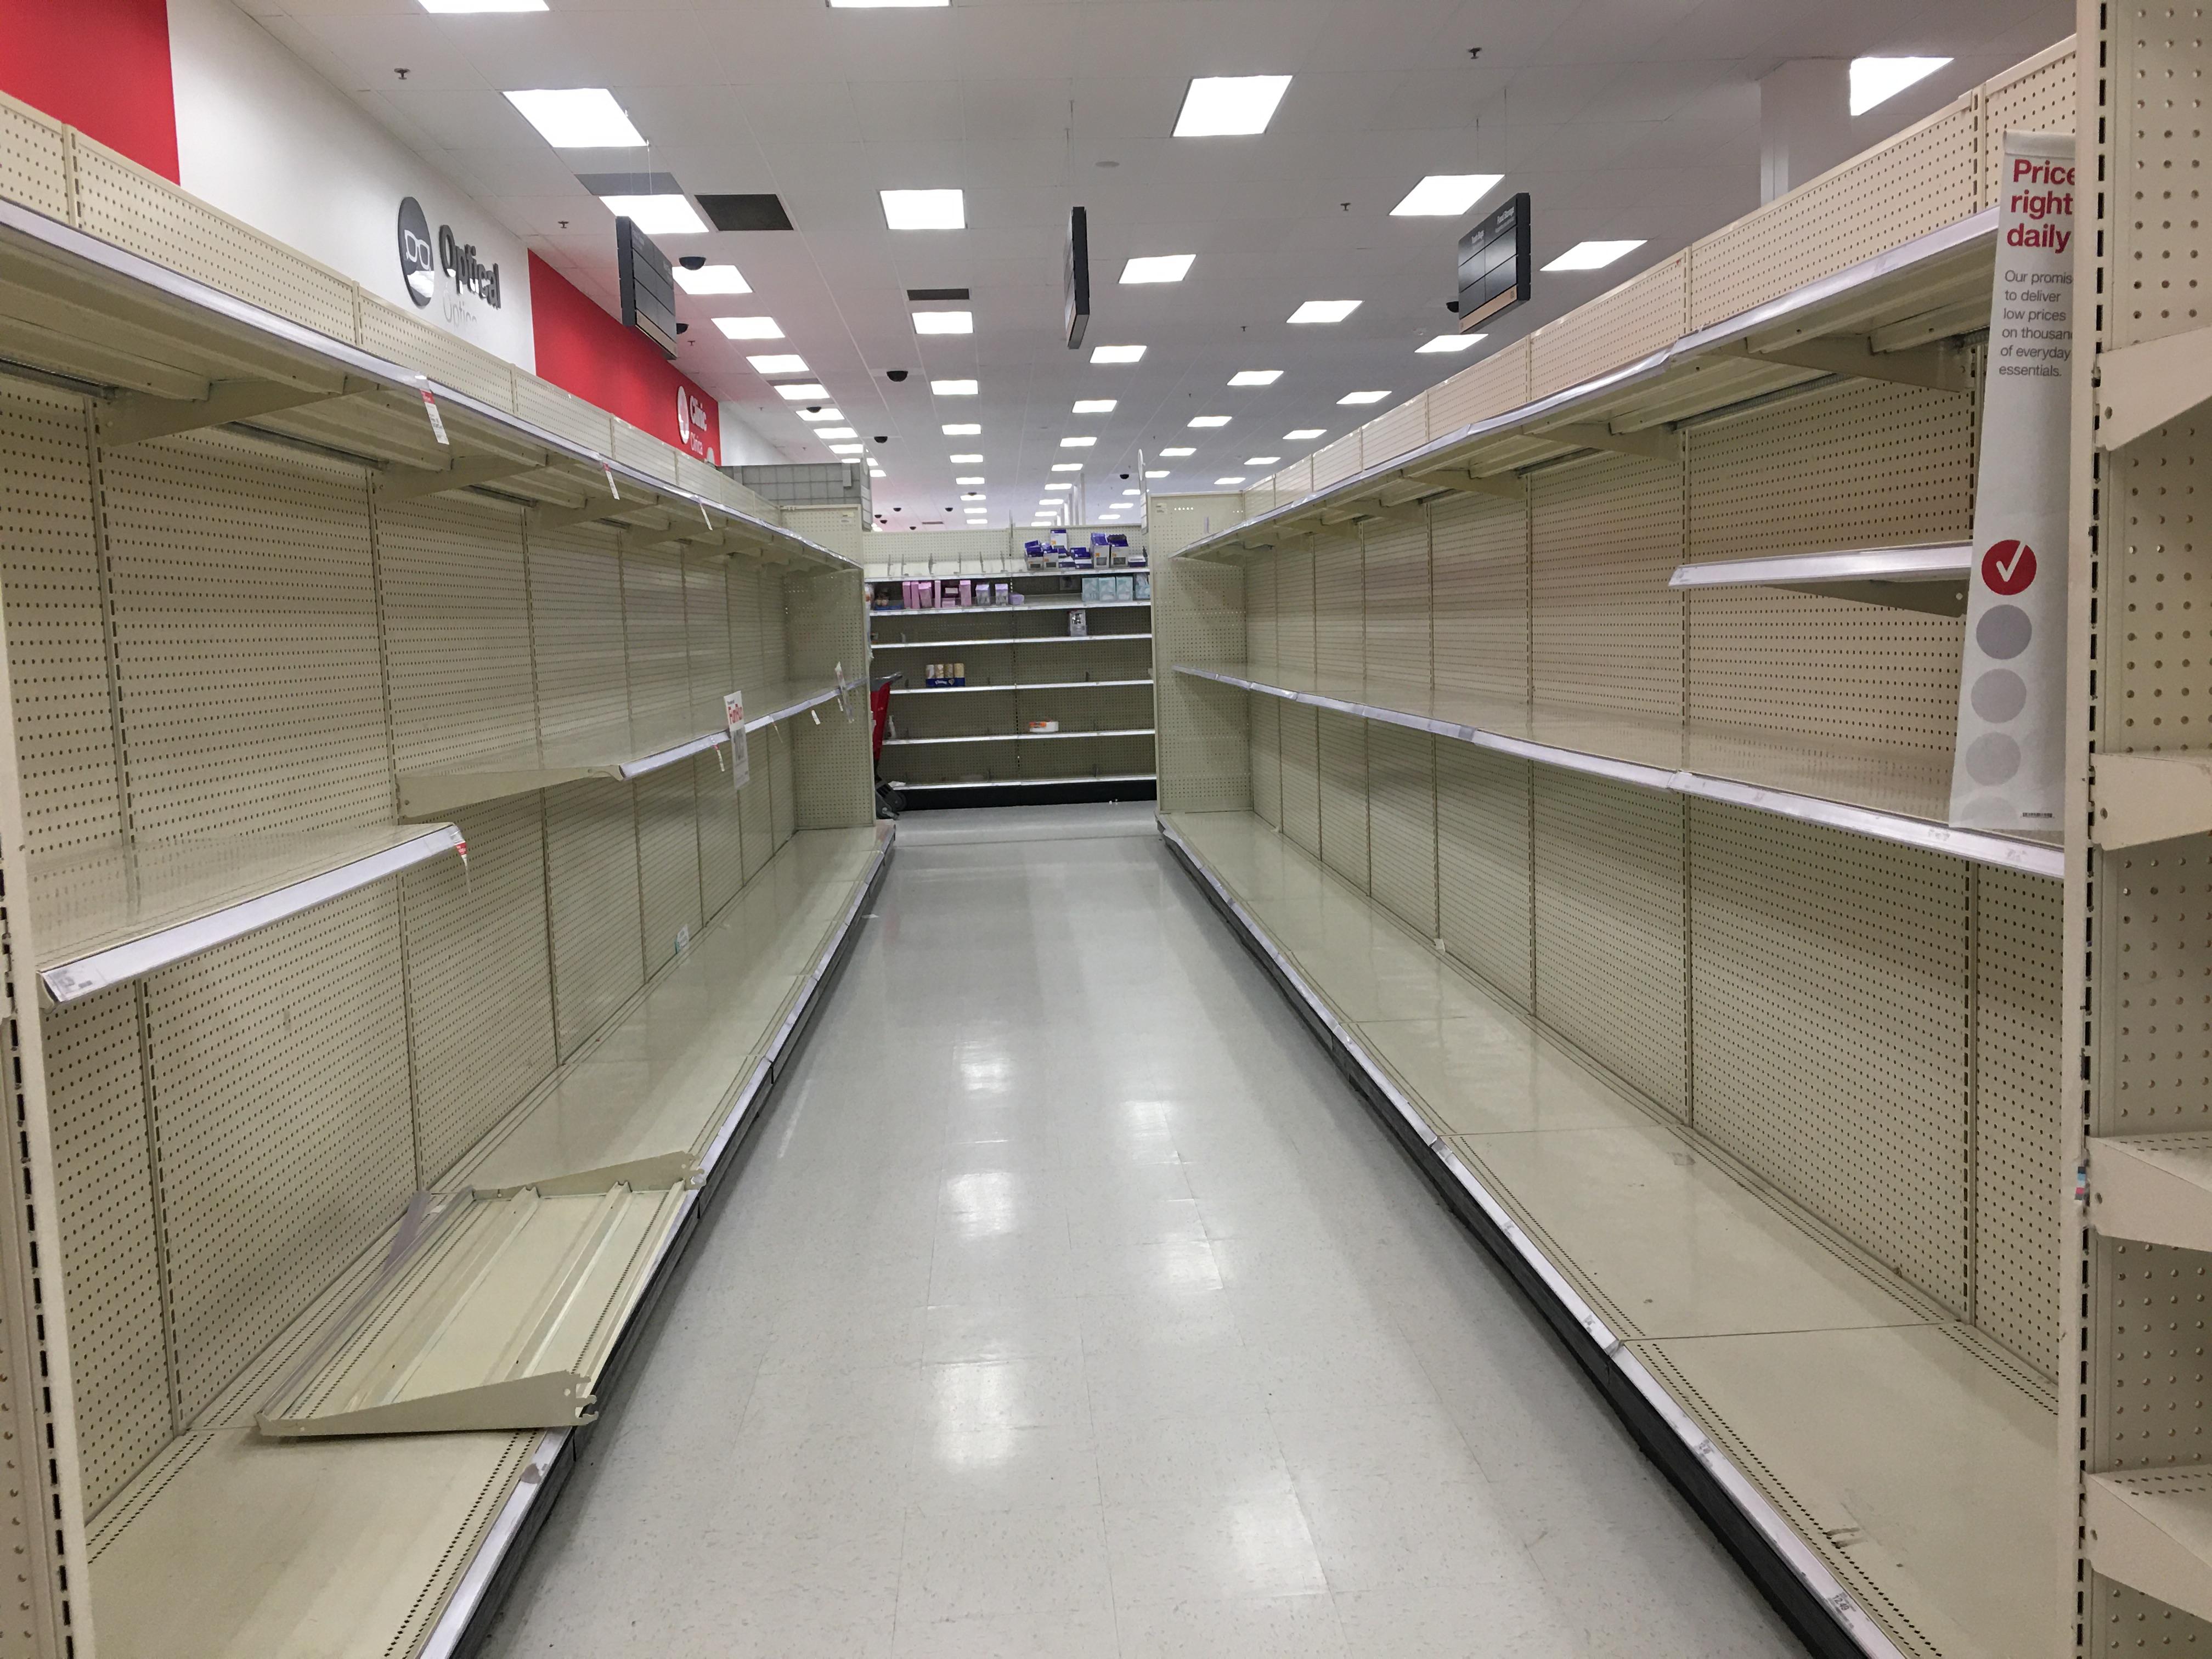 Image result for empty shelves coronavirus